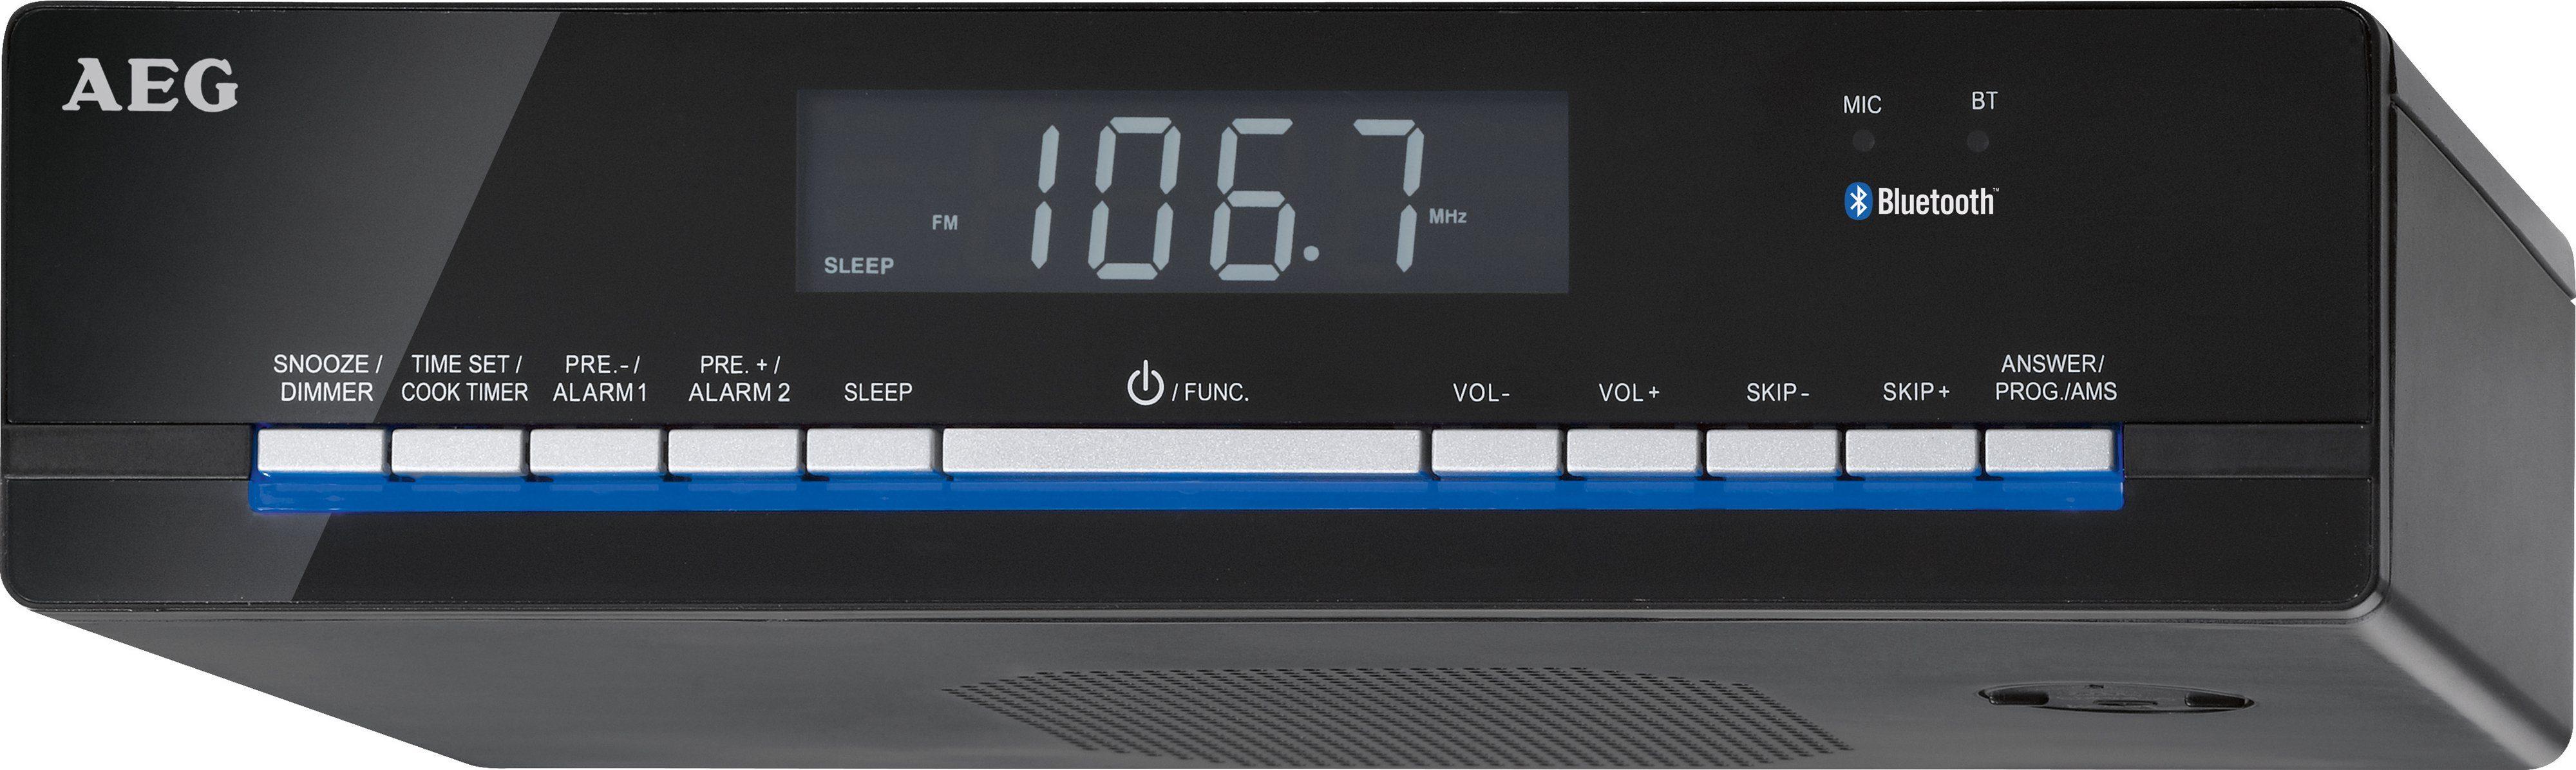 AEG Küchenradio mit Bluetooth & Einschlafautomatik »KRC 4361 BT«